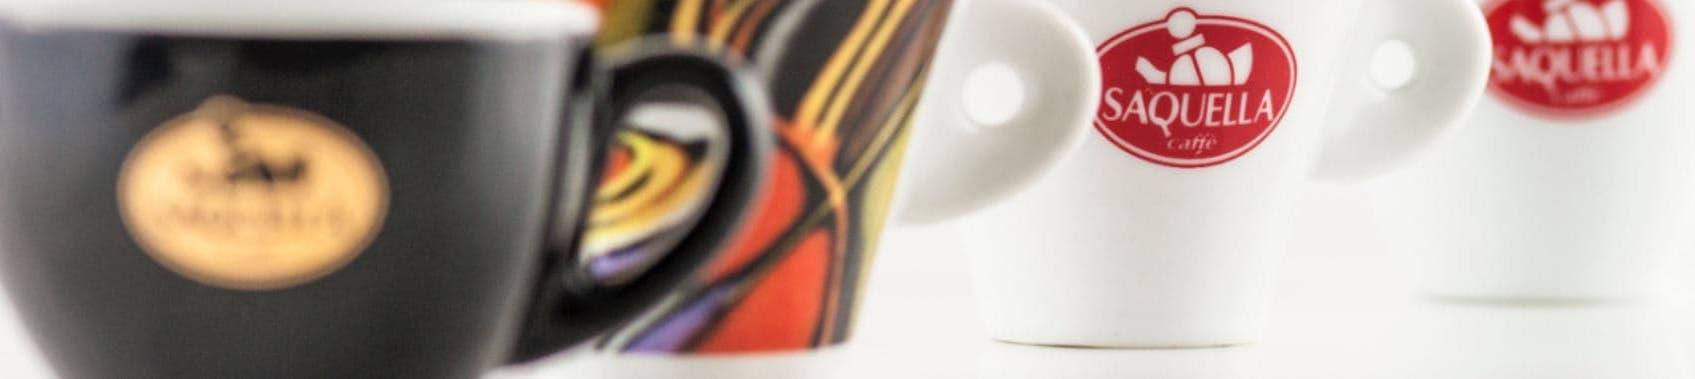 Saquella-Tassen-saquella-cafe-espressoJbTDllFOJteqy